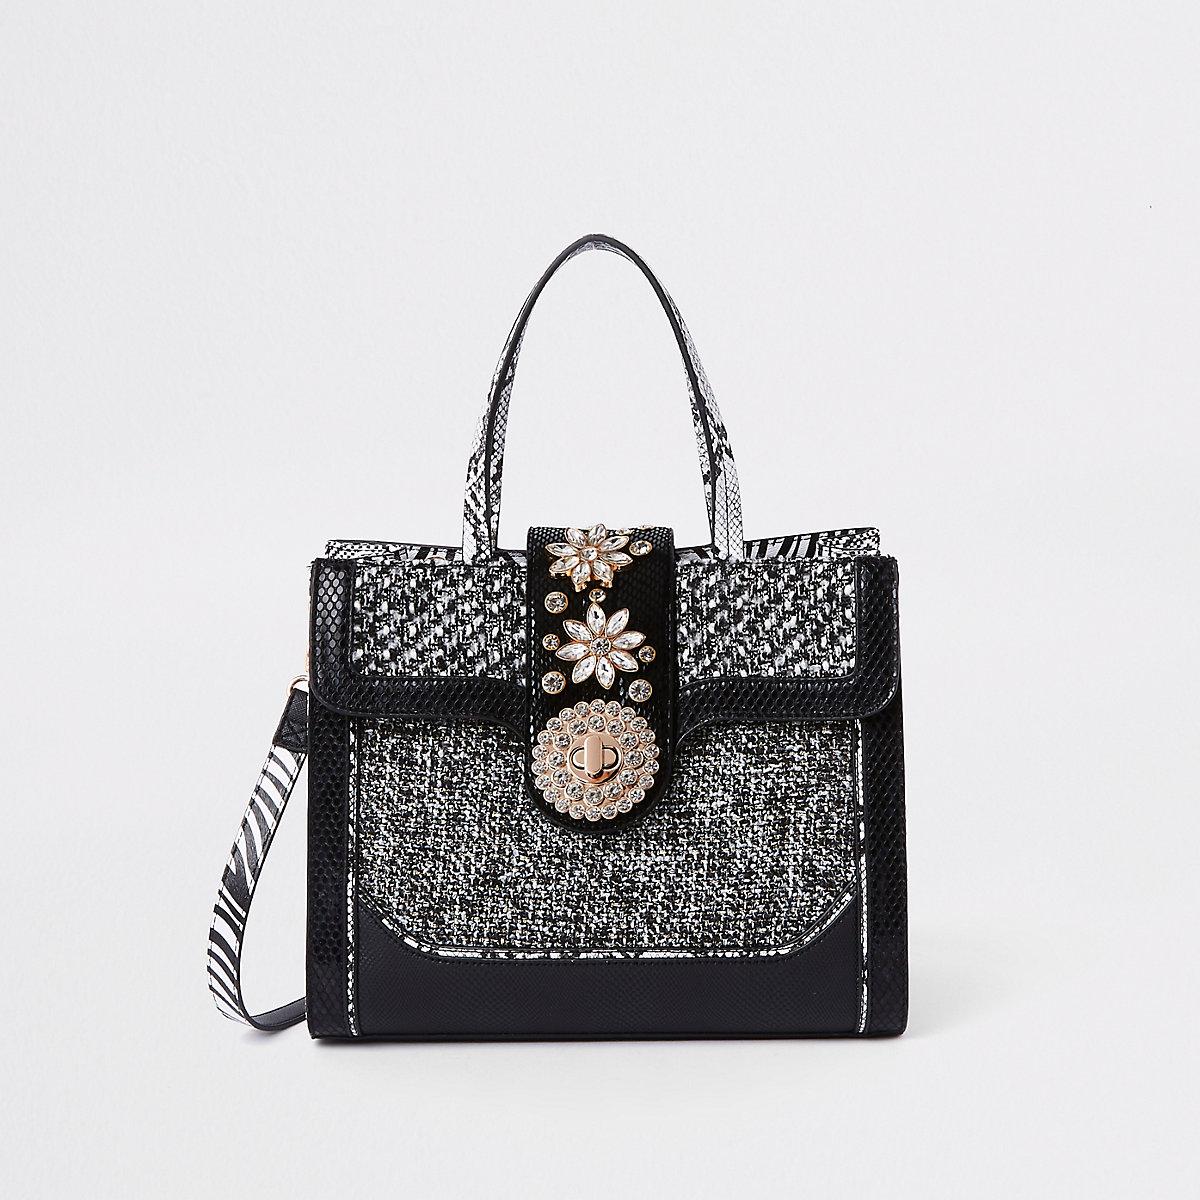 Zwarte handtas van gecombineerde stof met slot voorop